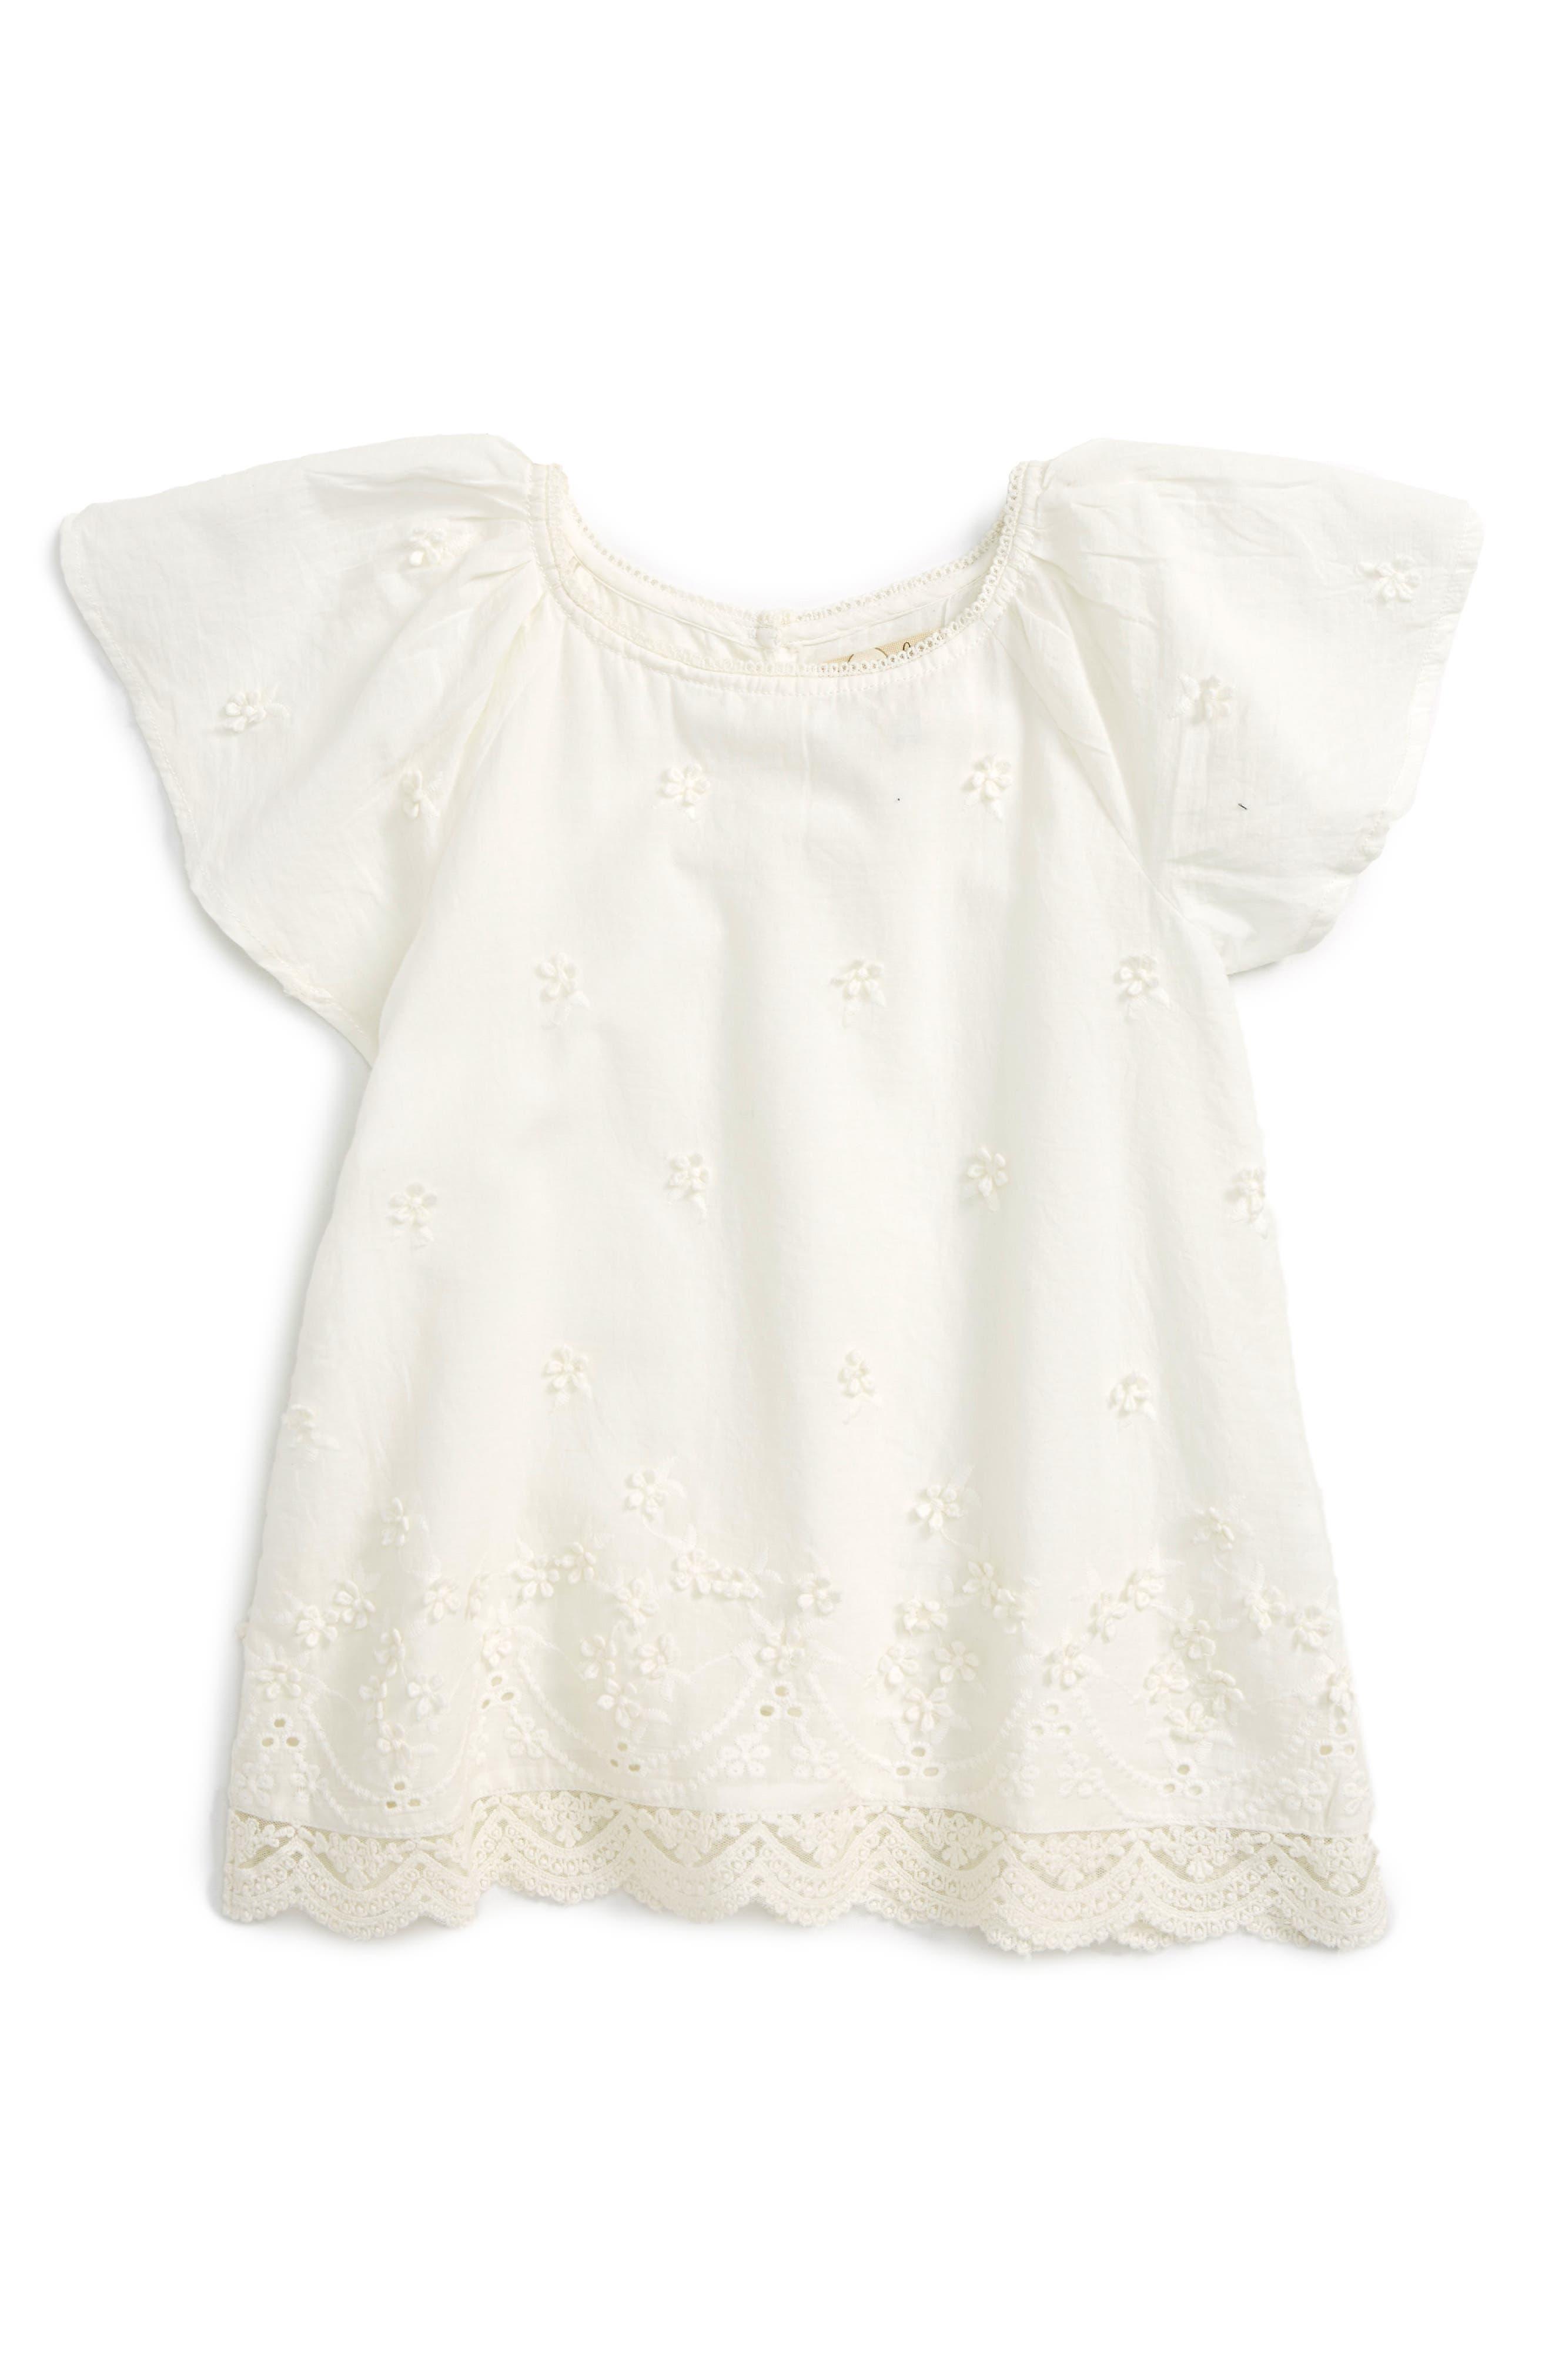 Peek Frances Flutter Sleeve Top (Toddler Girls, Little Girls & Big Girls)